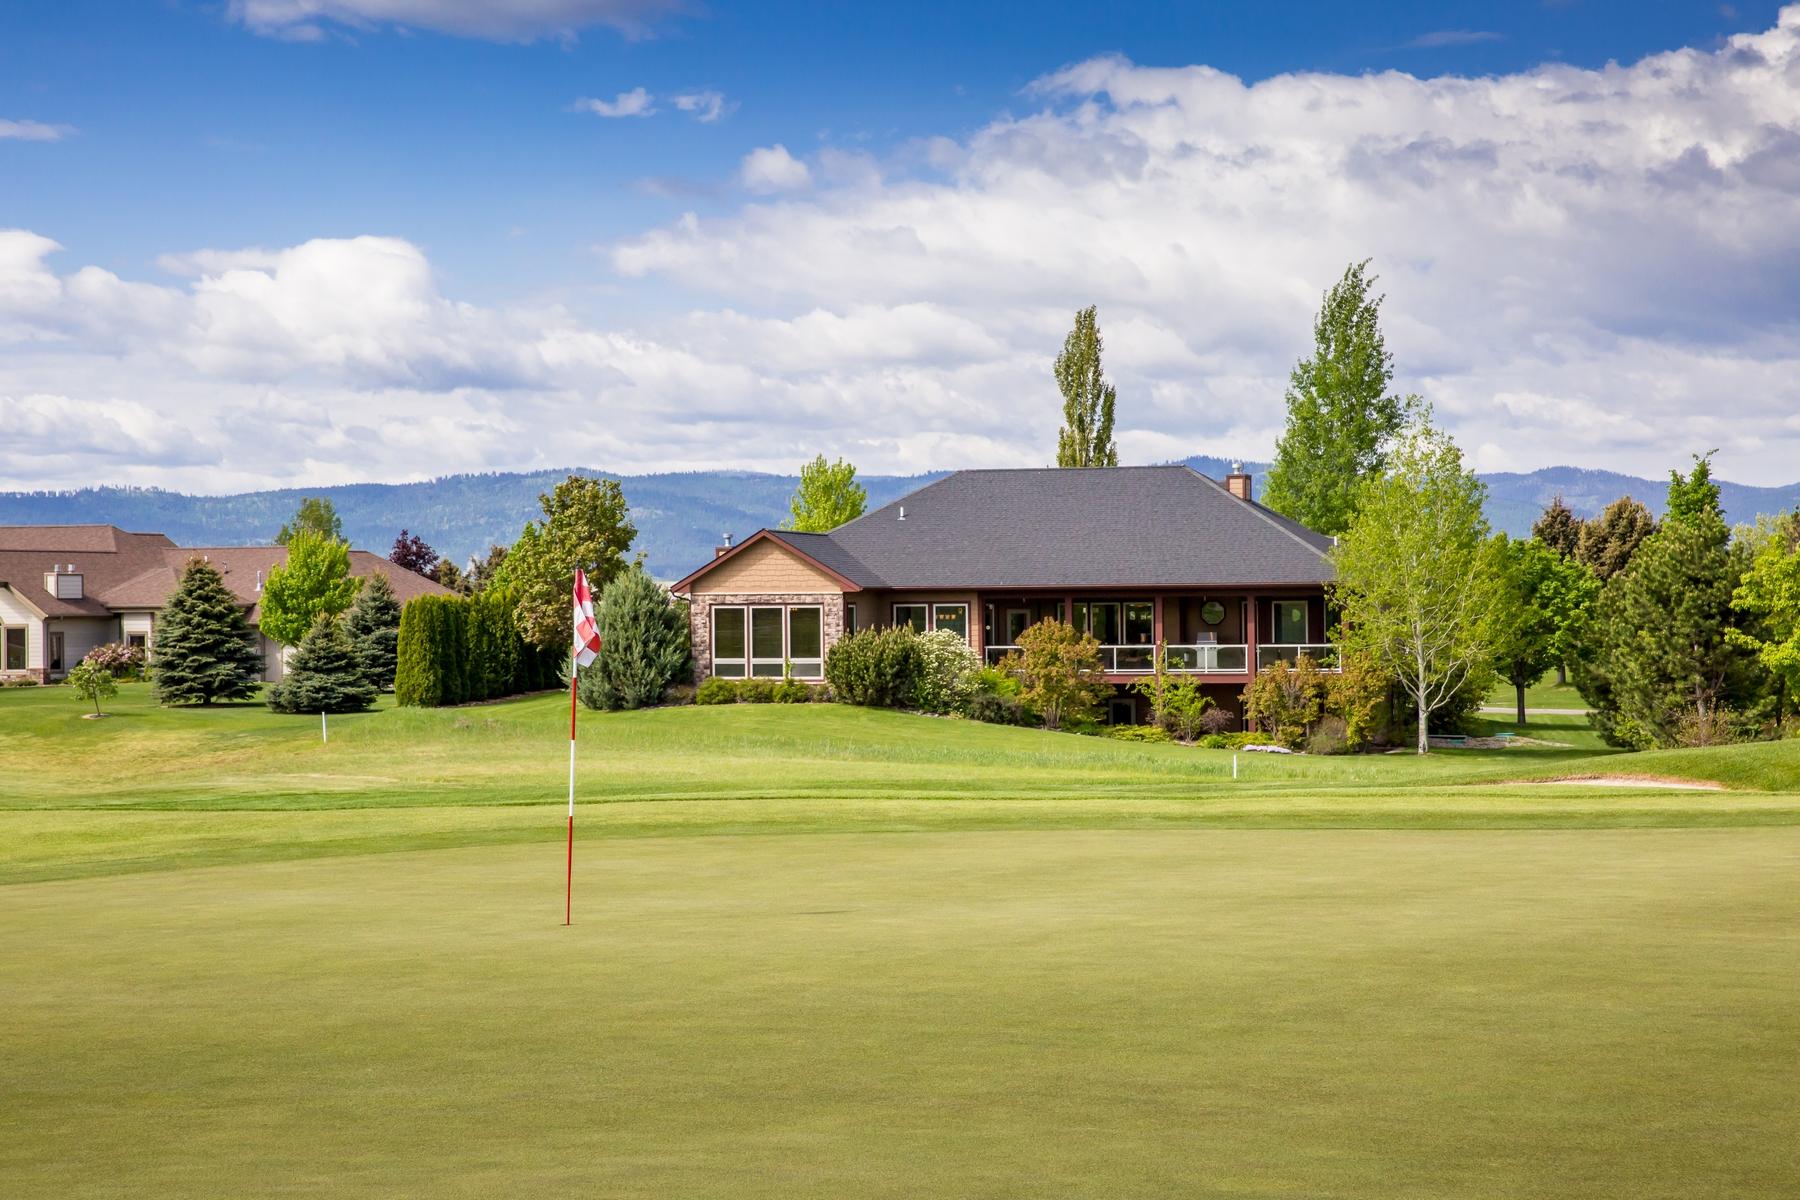 Einfamilienhaus für Verkauf beim 317 Fox Hollow Rd , Kalispell, MT 59901 317 Fox Hollow Rd Kalispell, Montana, 59901 Vereinigte Staaten